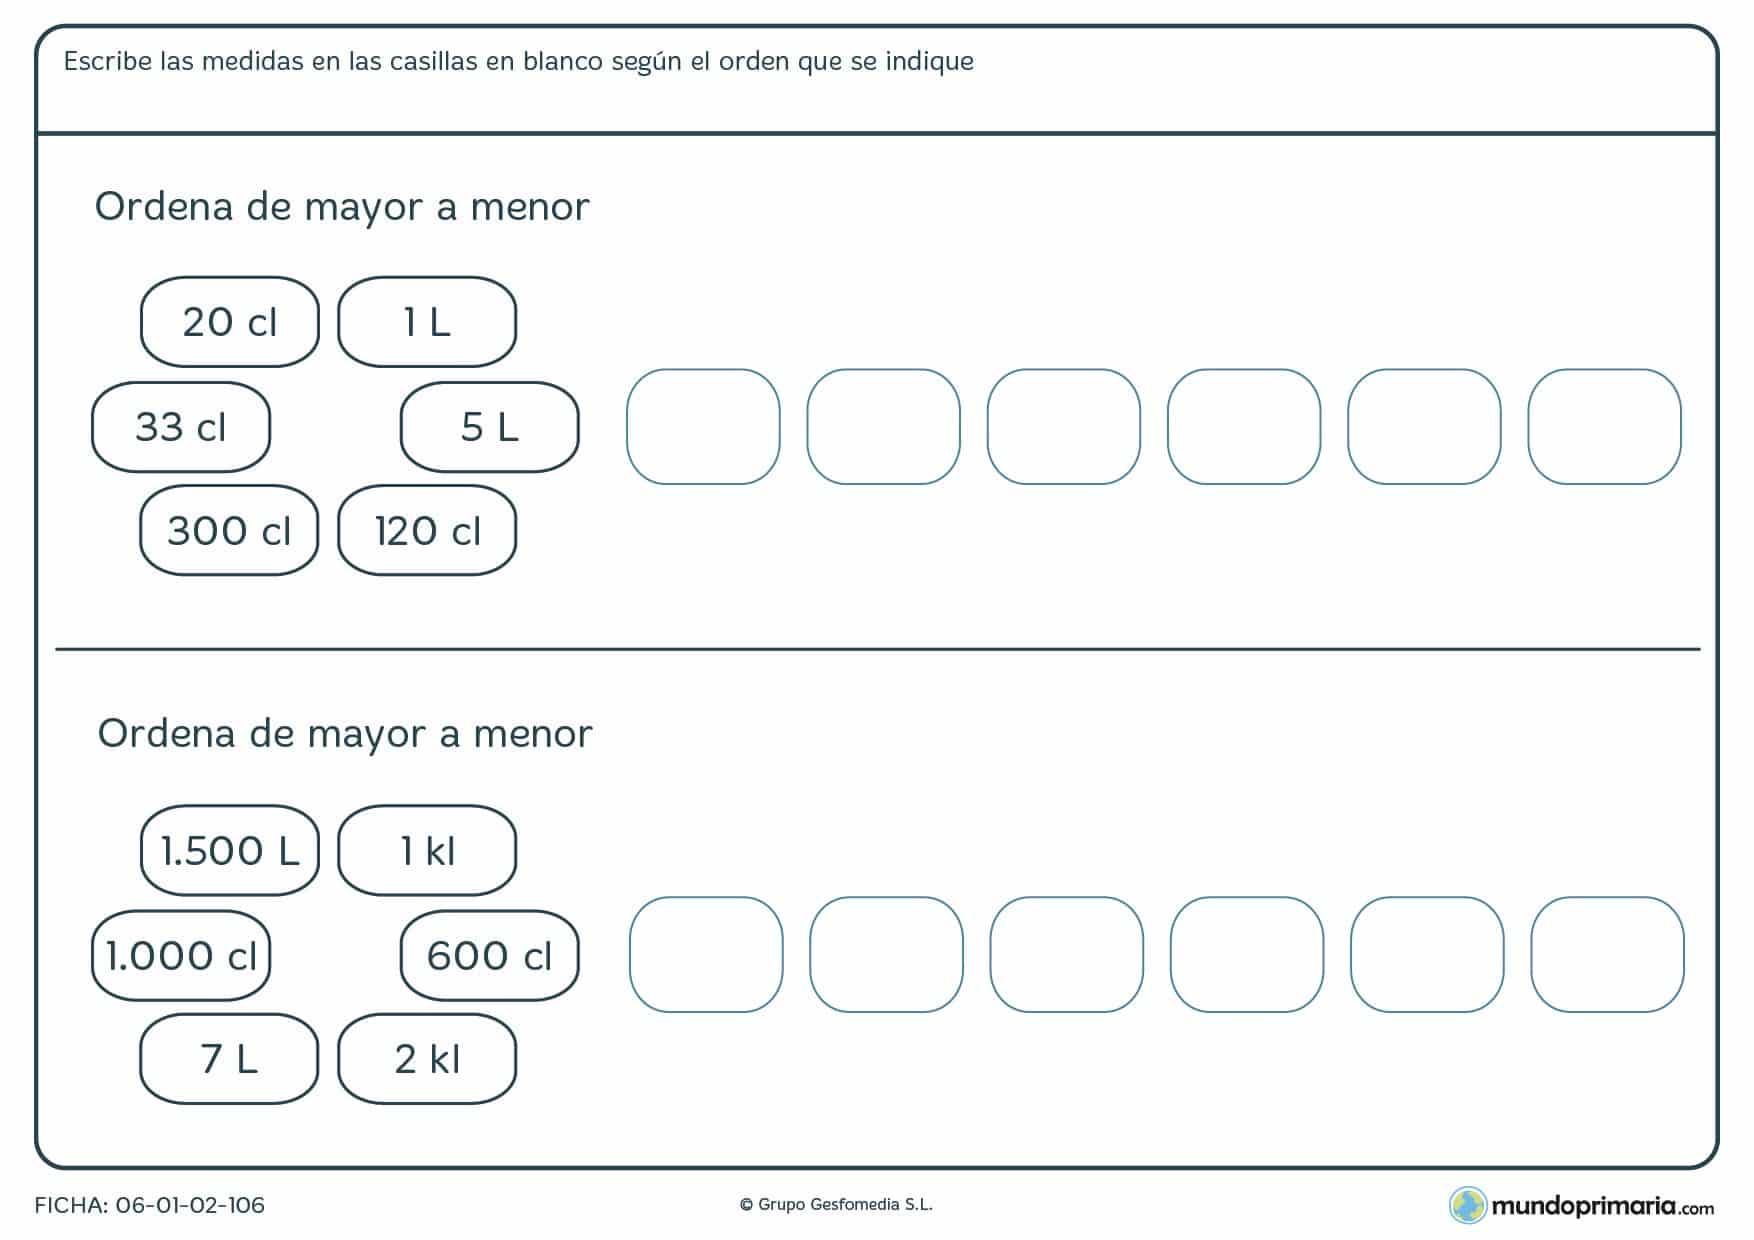 Ficha de ordenar capacidades de mayor a menor rellenando las casillas en blanco de forma correcta.